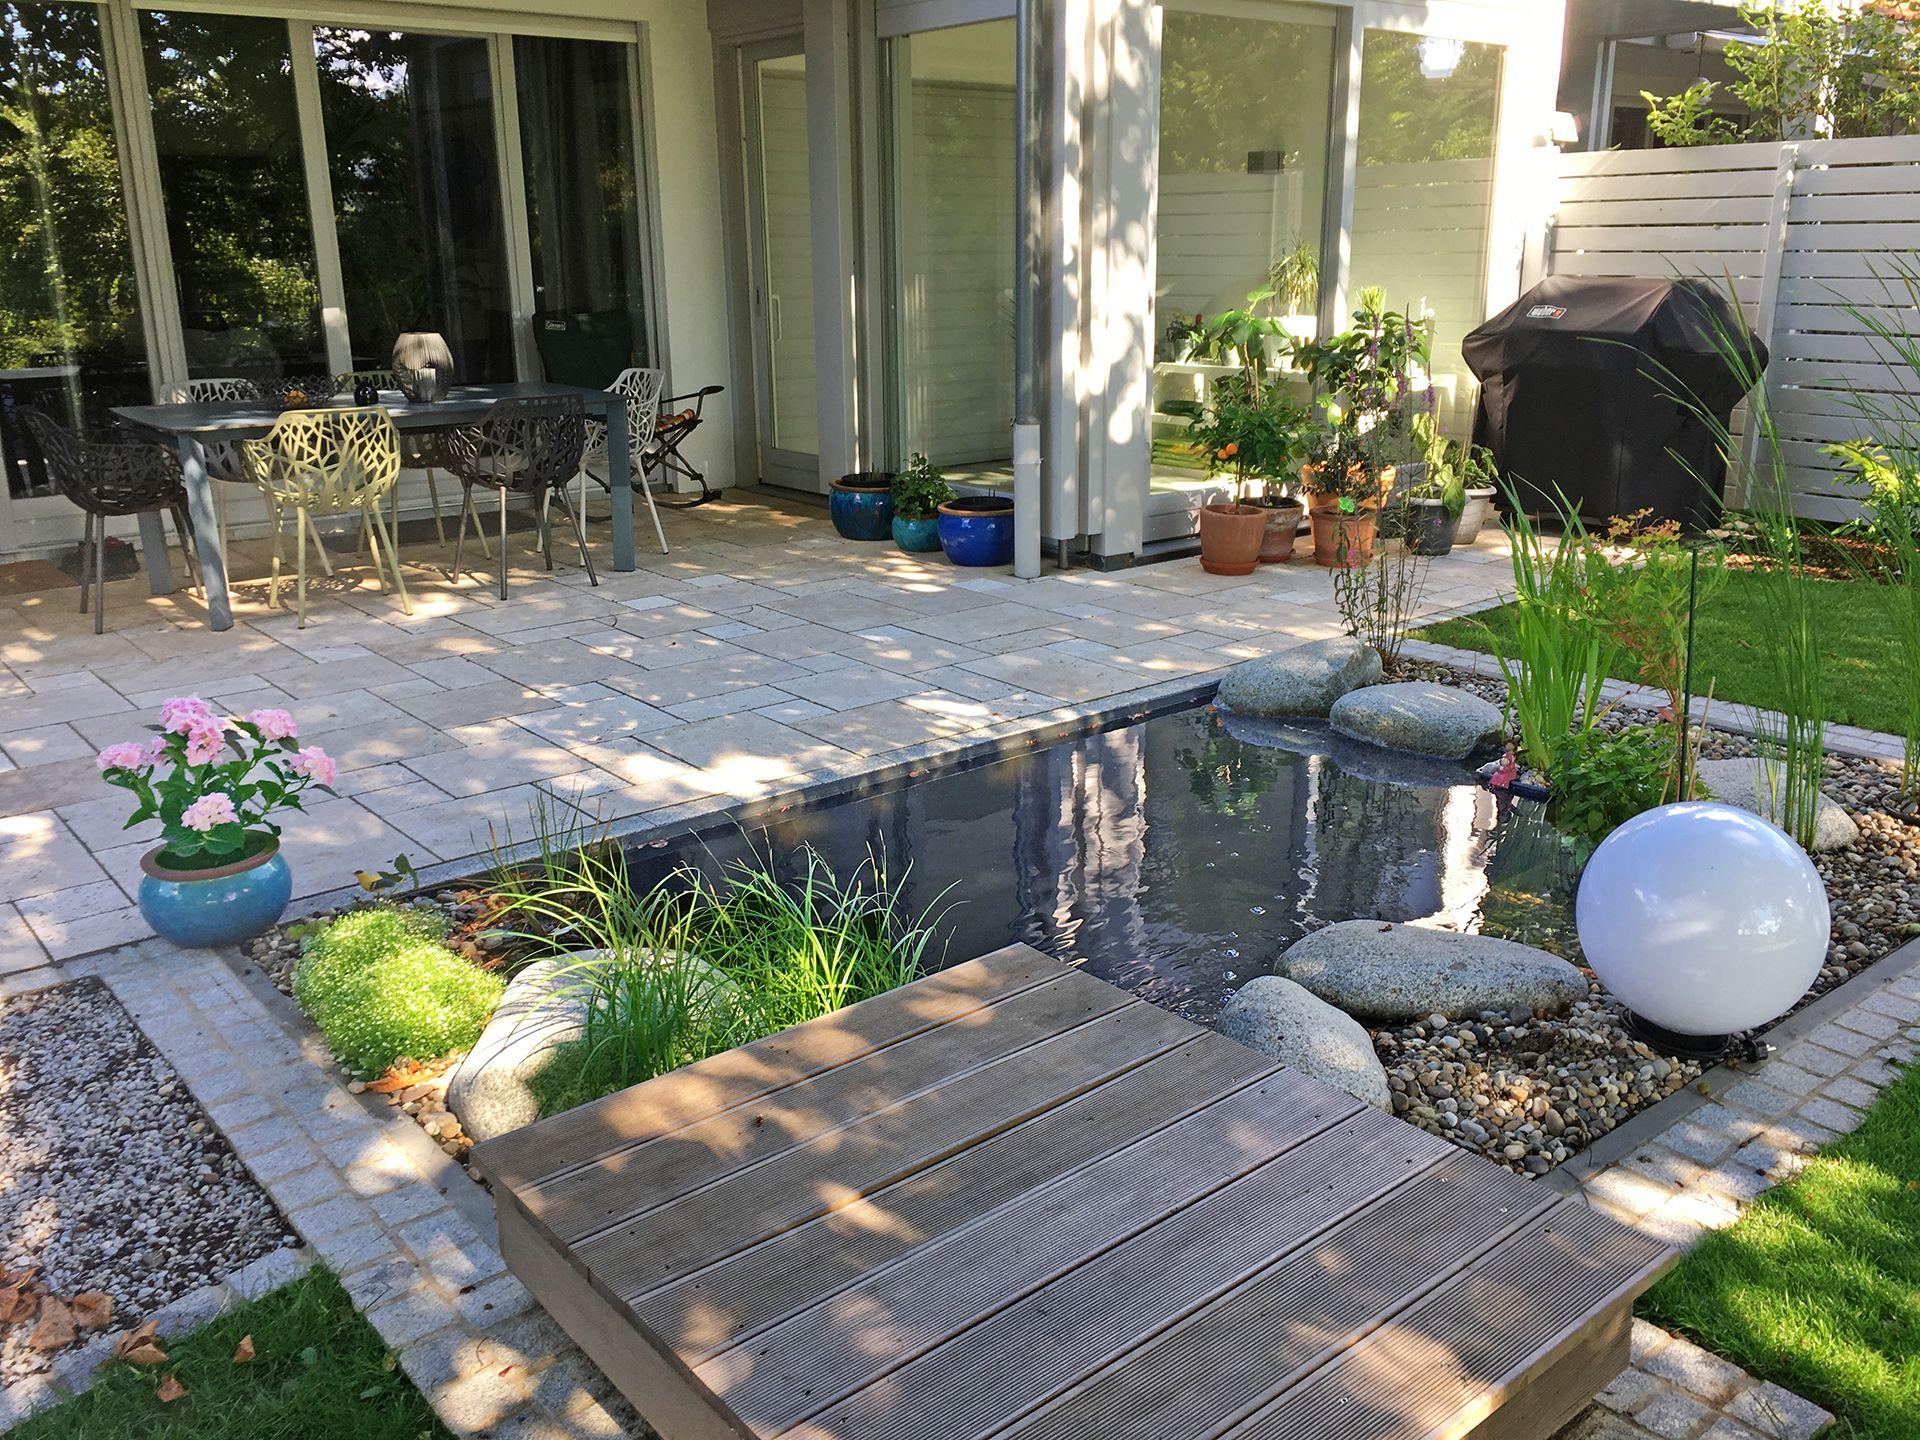 Kleiner Gartenteich An Einer Terrasse Aus Travertin Ein